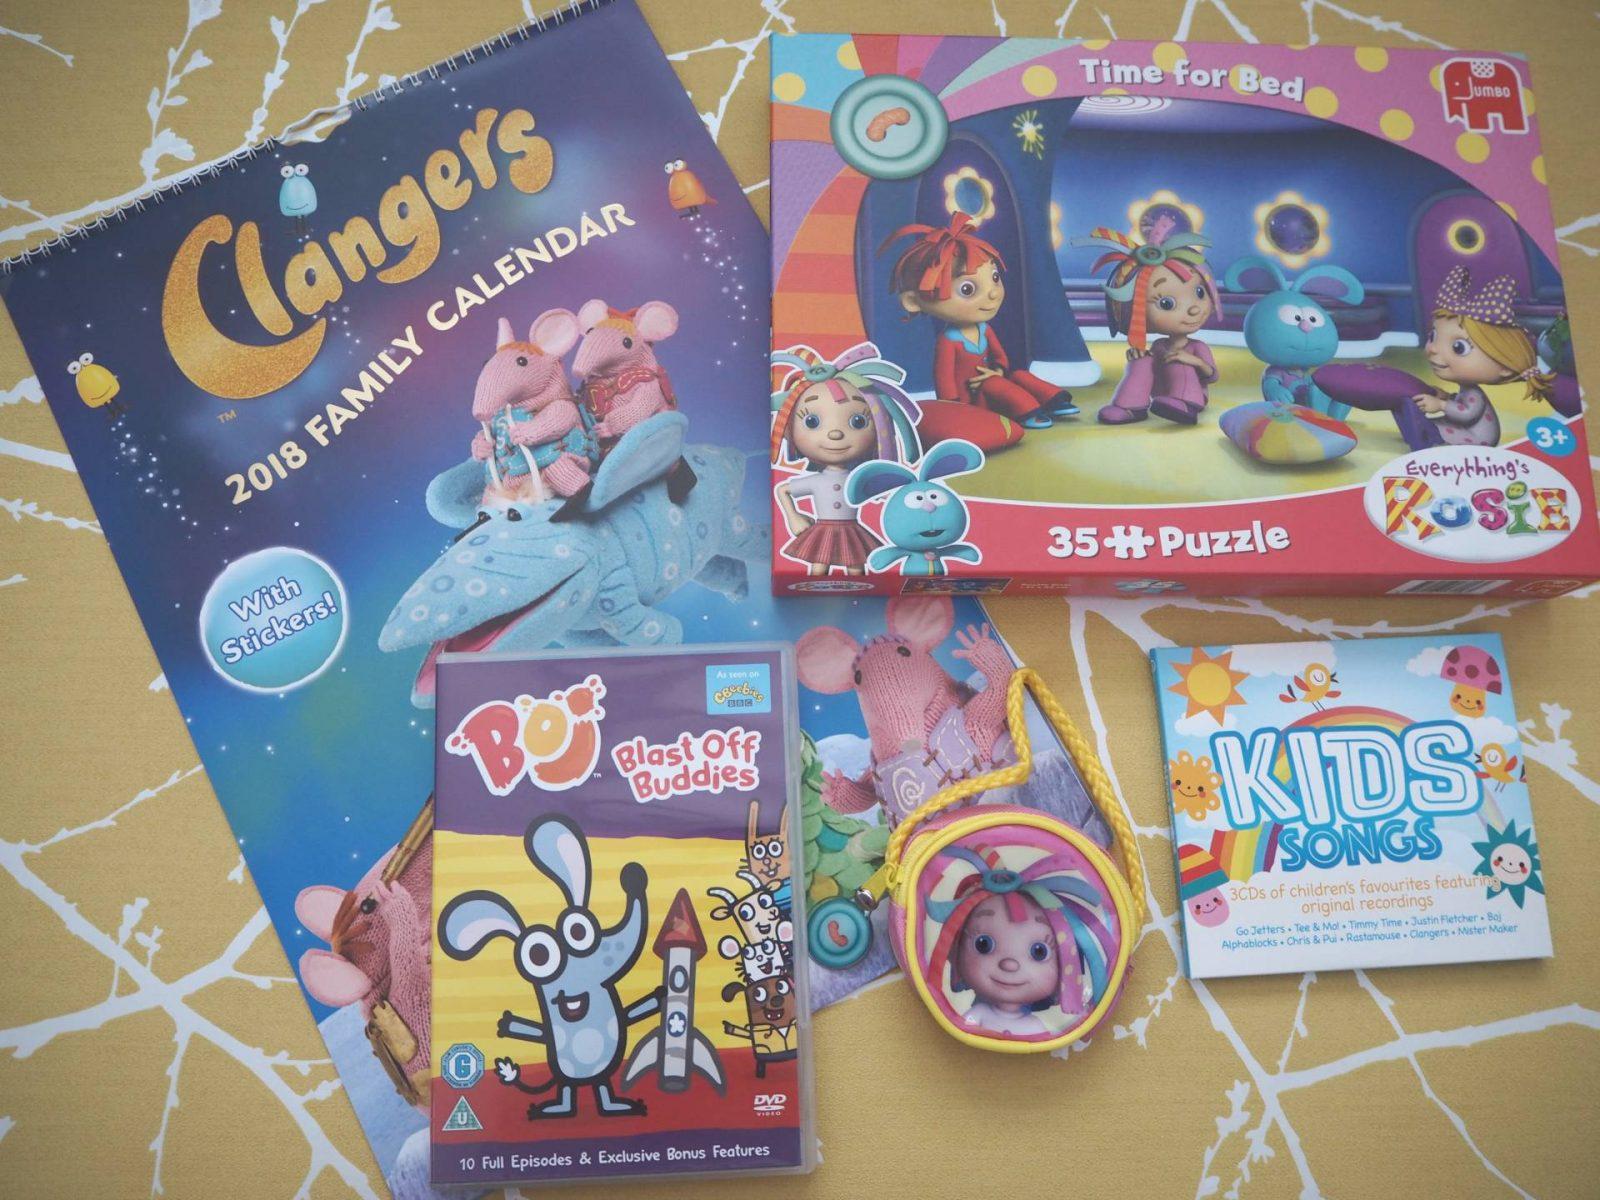 Kids Songs CD and A CBeebies Bundle Of Goodies…